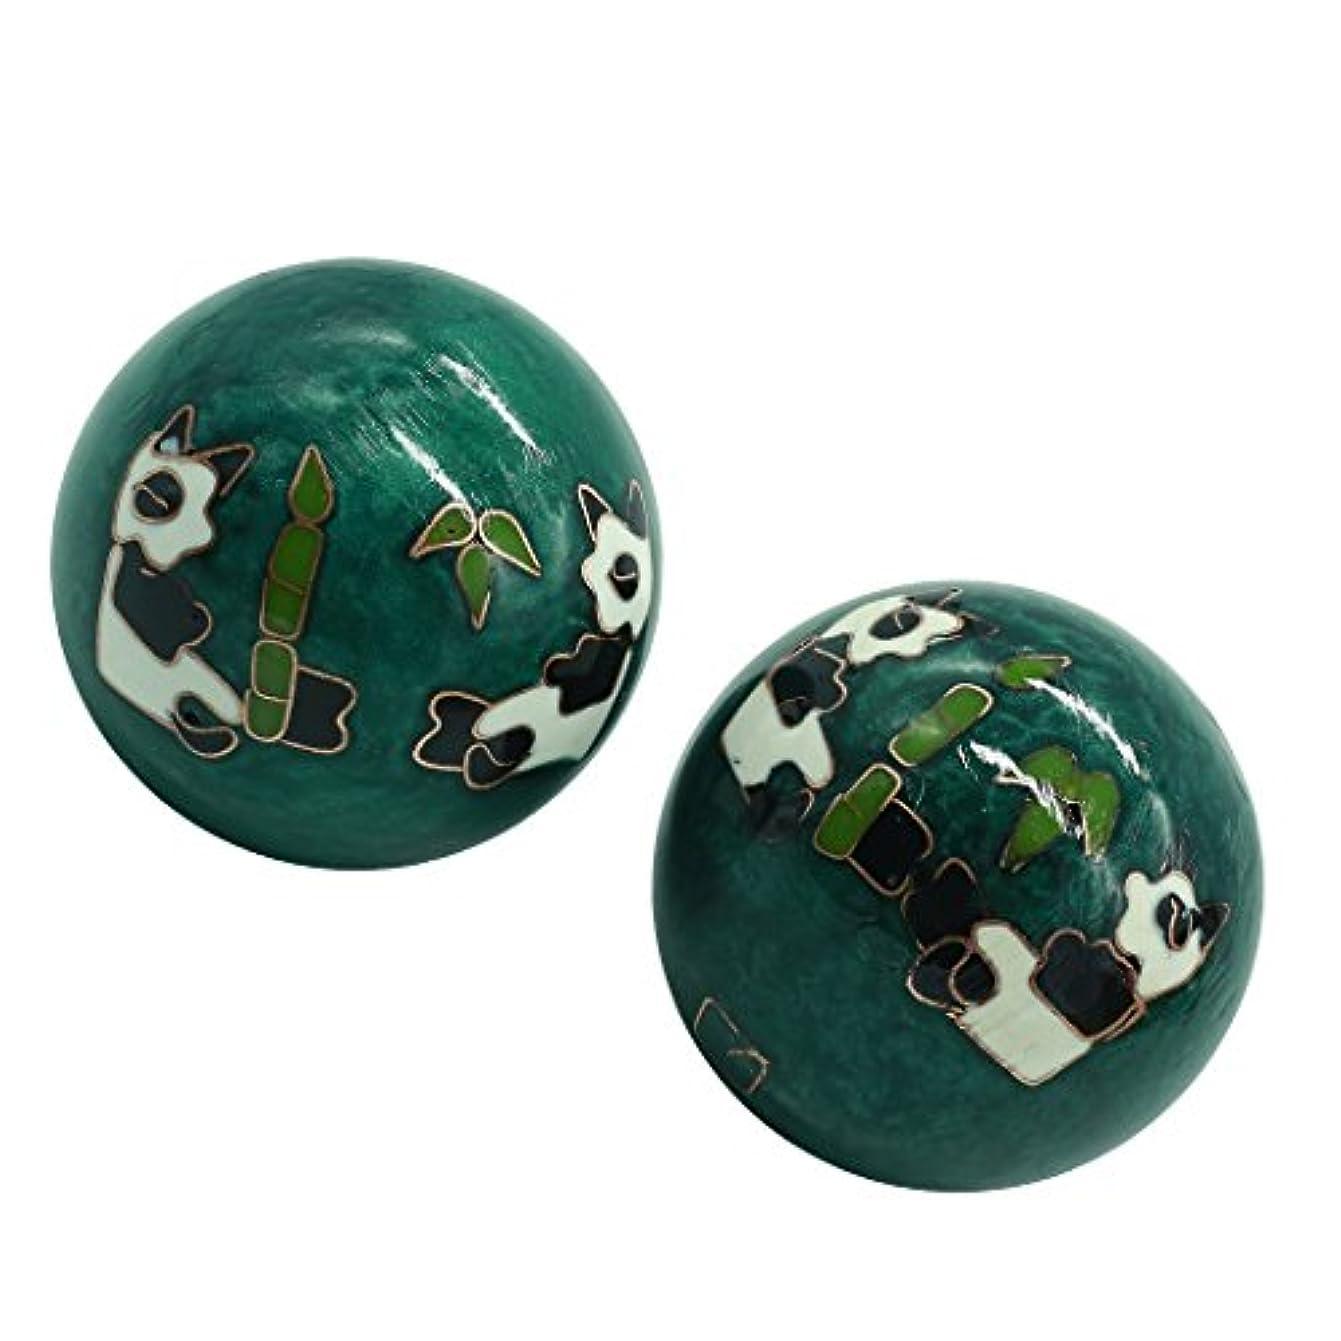 ターゲットキャンドル思い出風水グッズ 健康球 健身球 脳 活性 ストレス トレーニング器具 手の機能回復 2個 パンダ (グリーン, 35mm) INB168